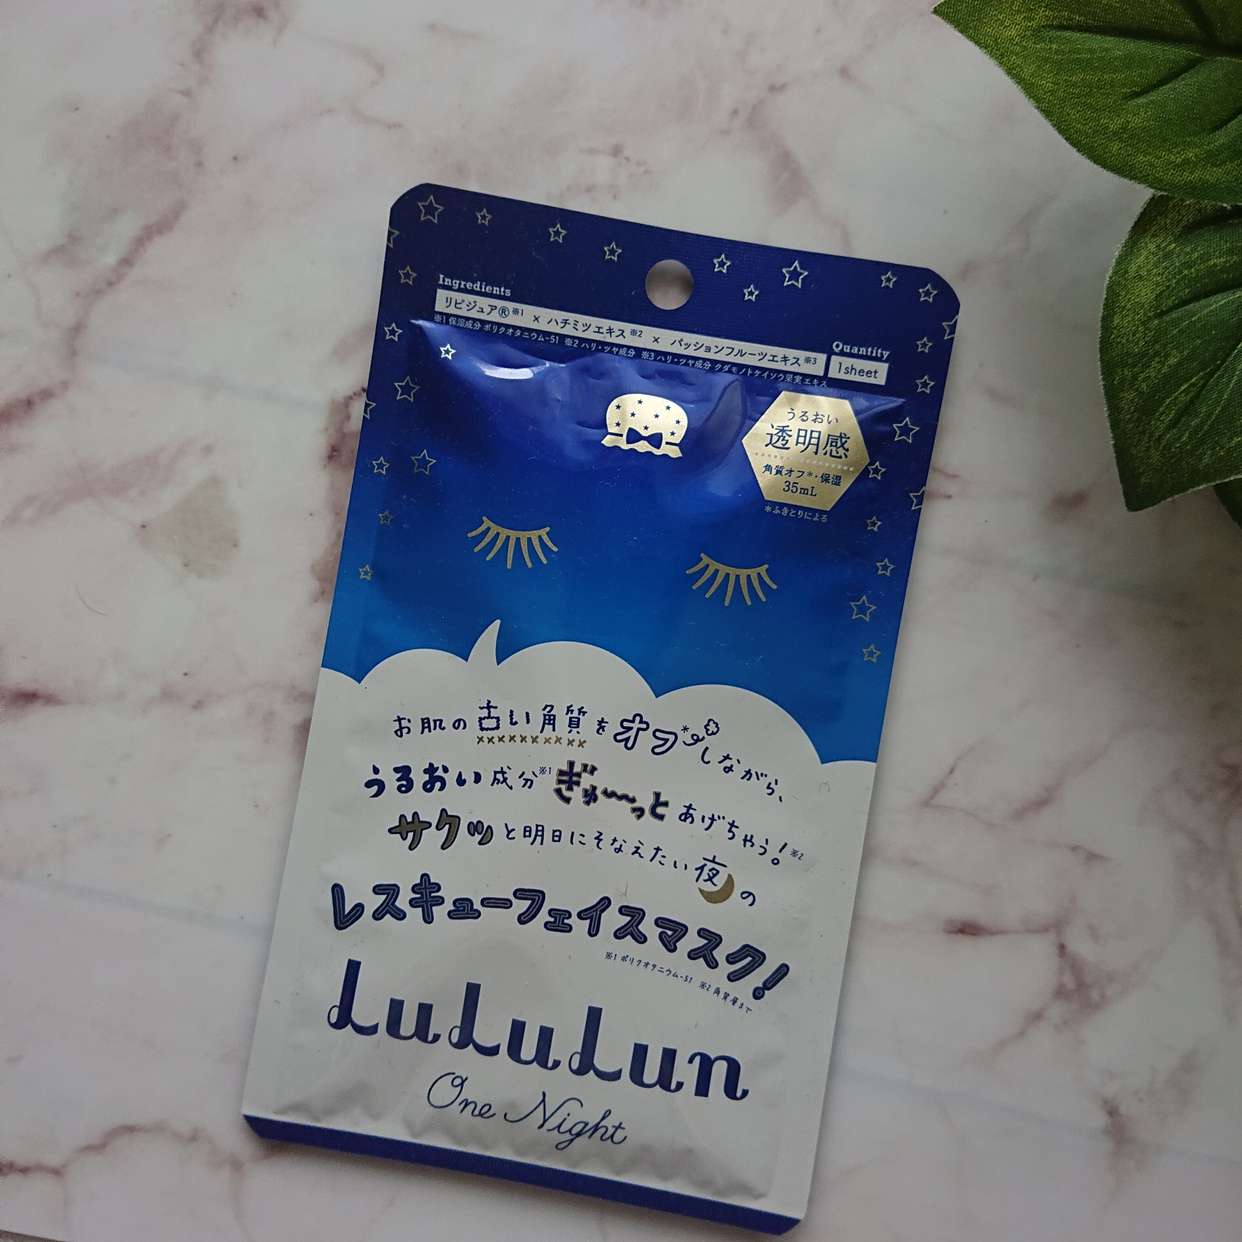 LuLuLun(ルルルン) フェイス マスク ワンナイトを使った中村 美紀さんのクチコミ画像1